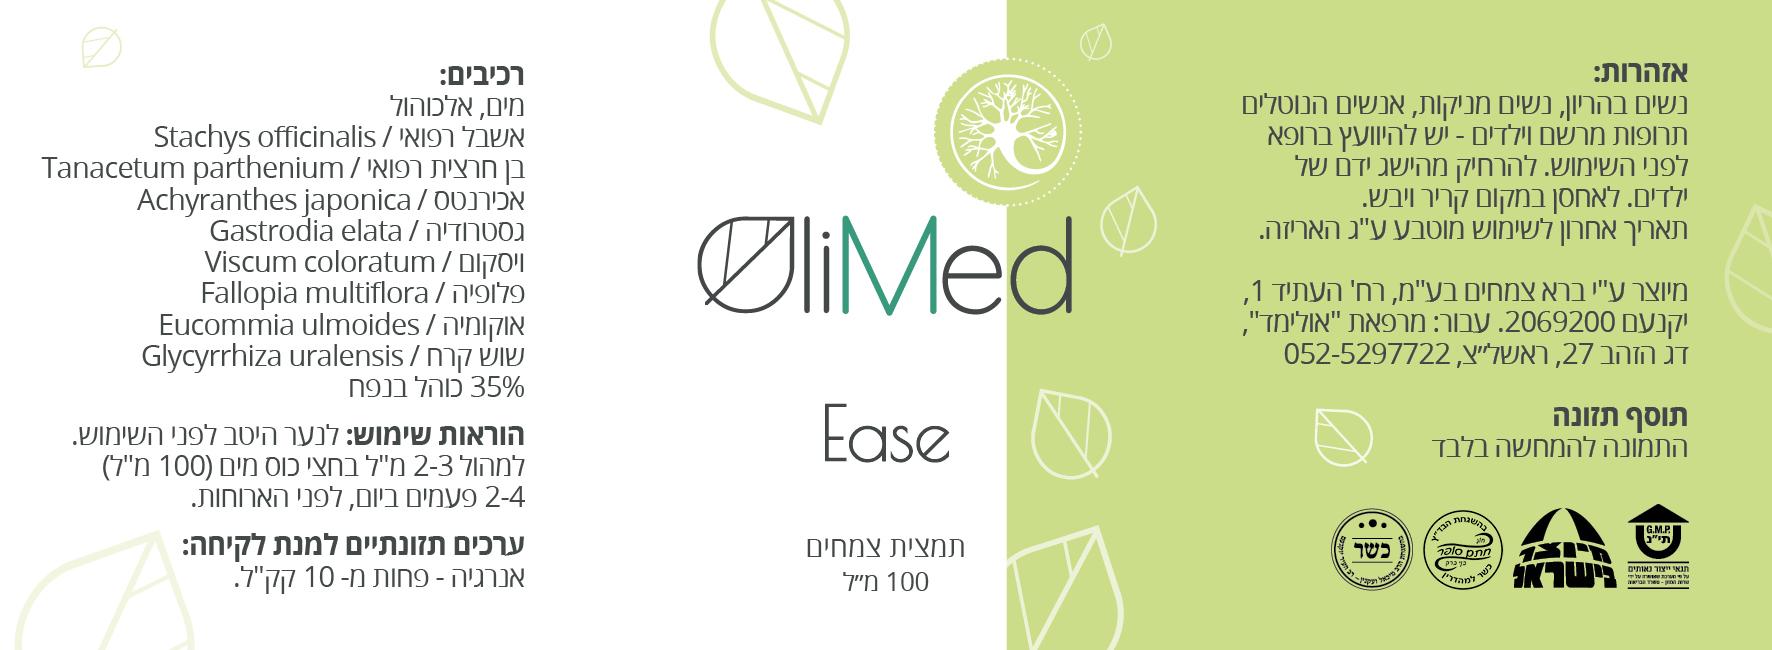 Olimed_Bottle12